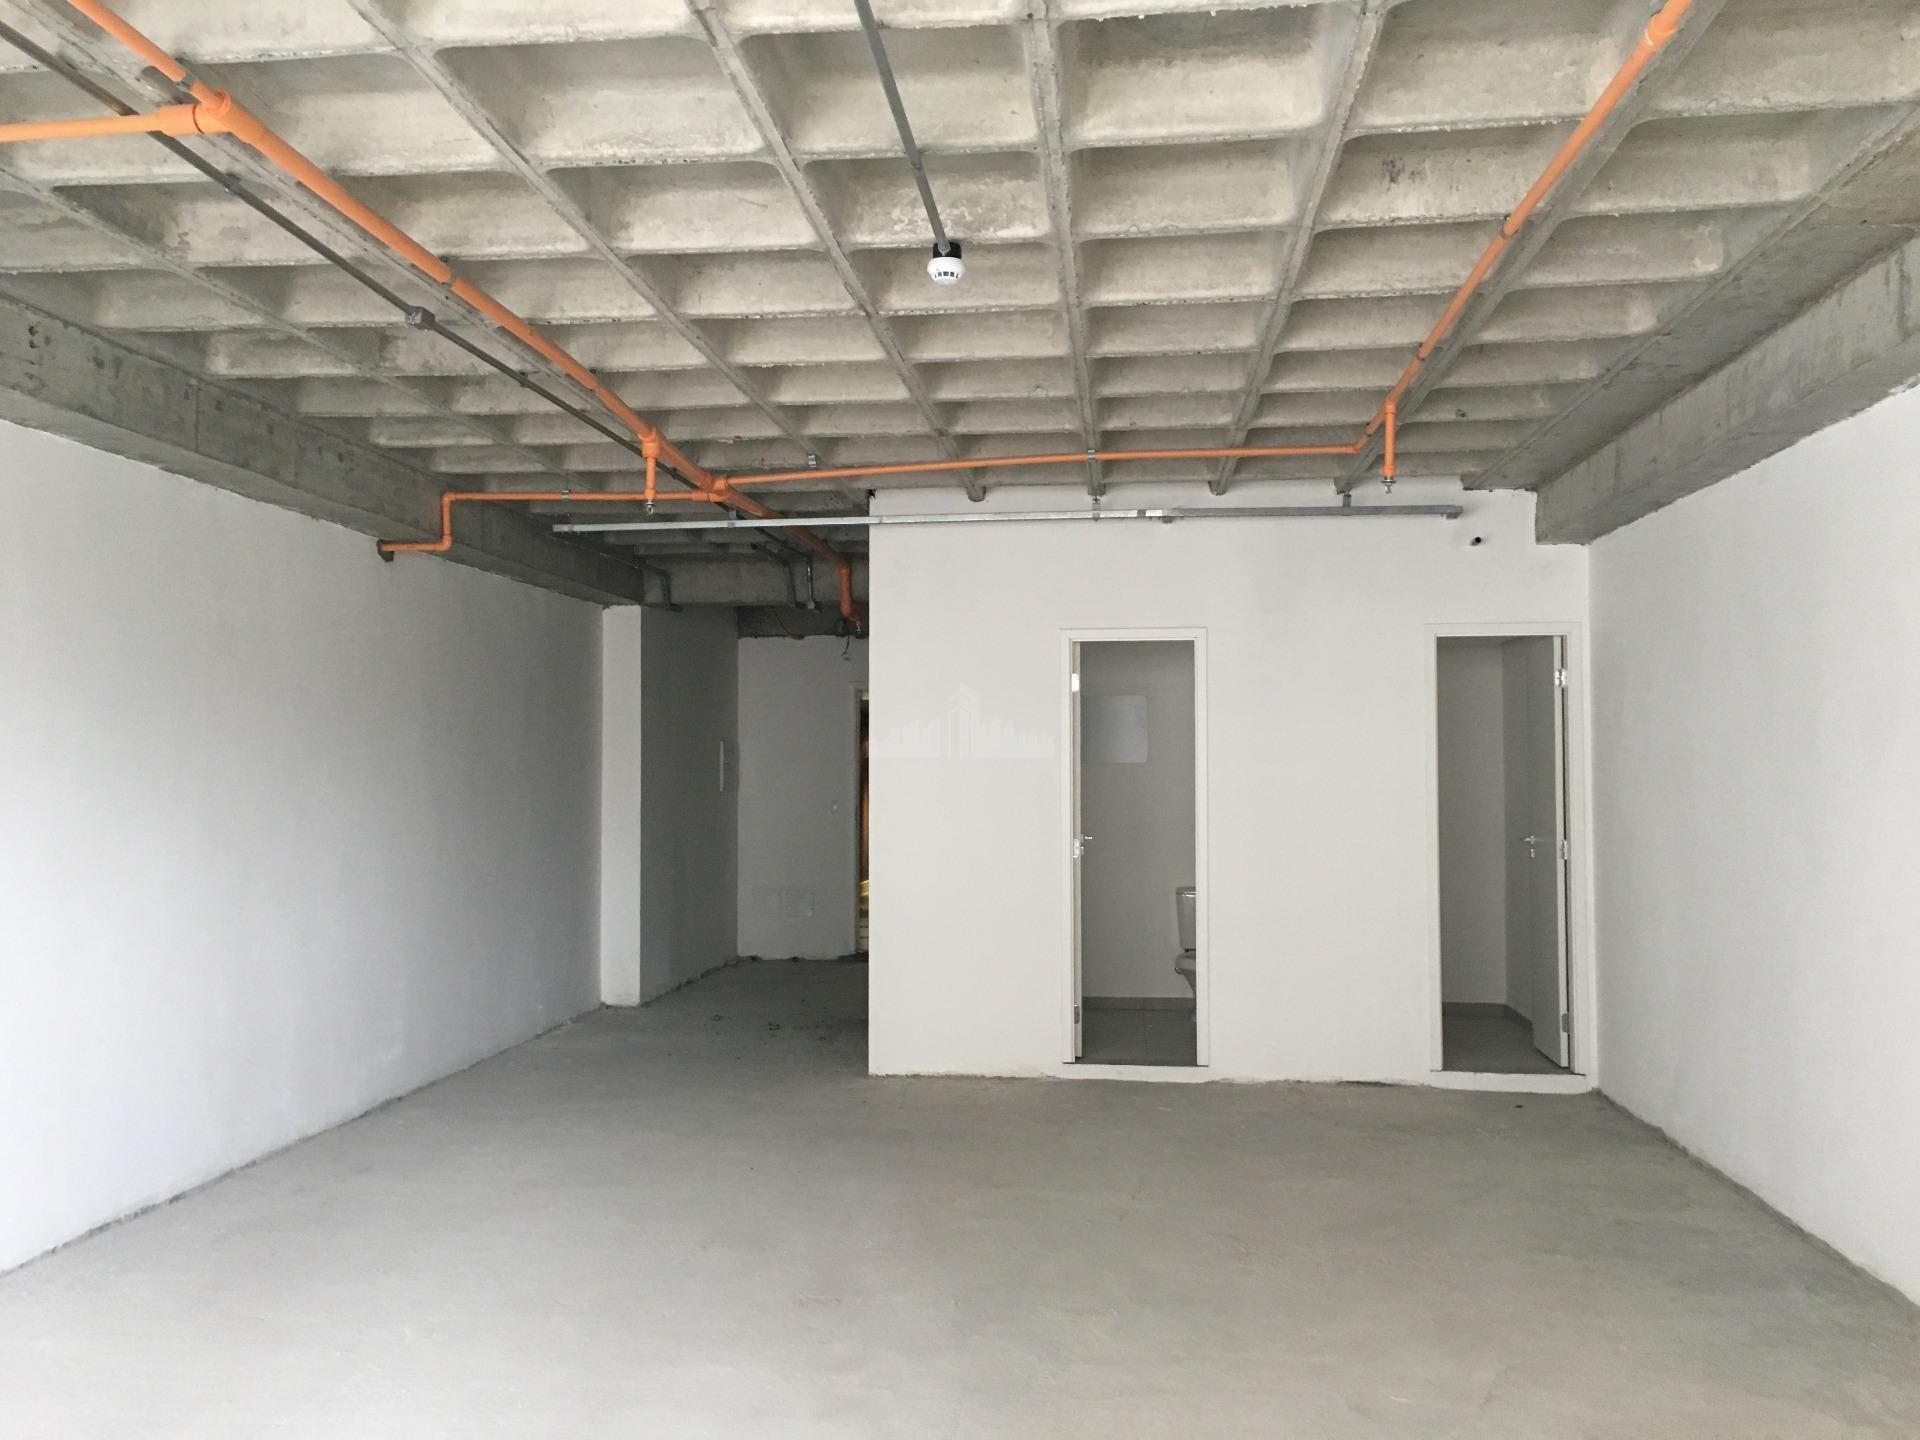 sala comercial com 455 m², piso elevado e 11 vagas na garagem.